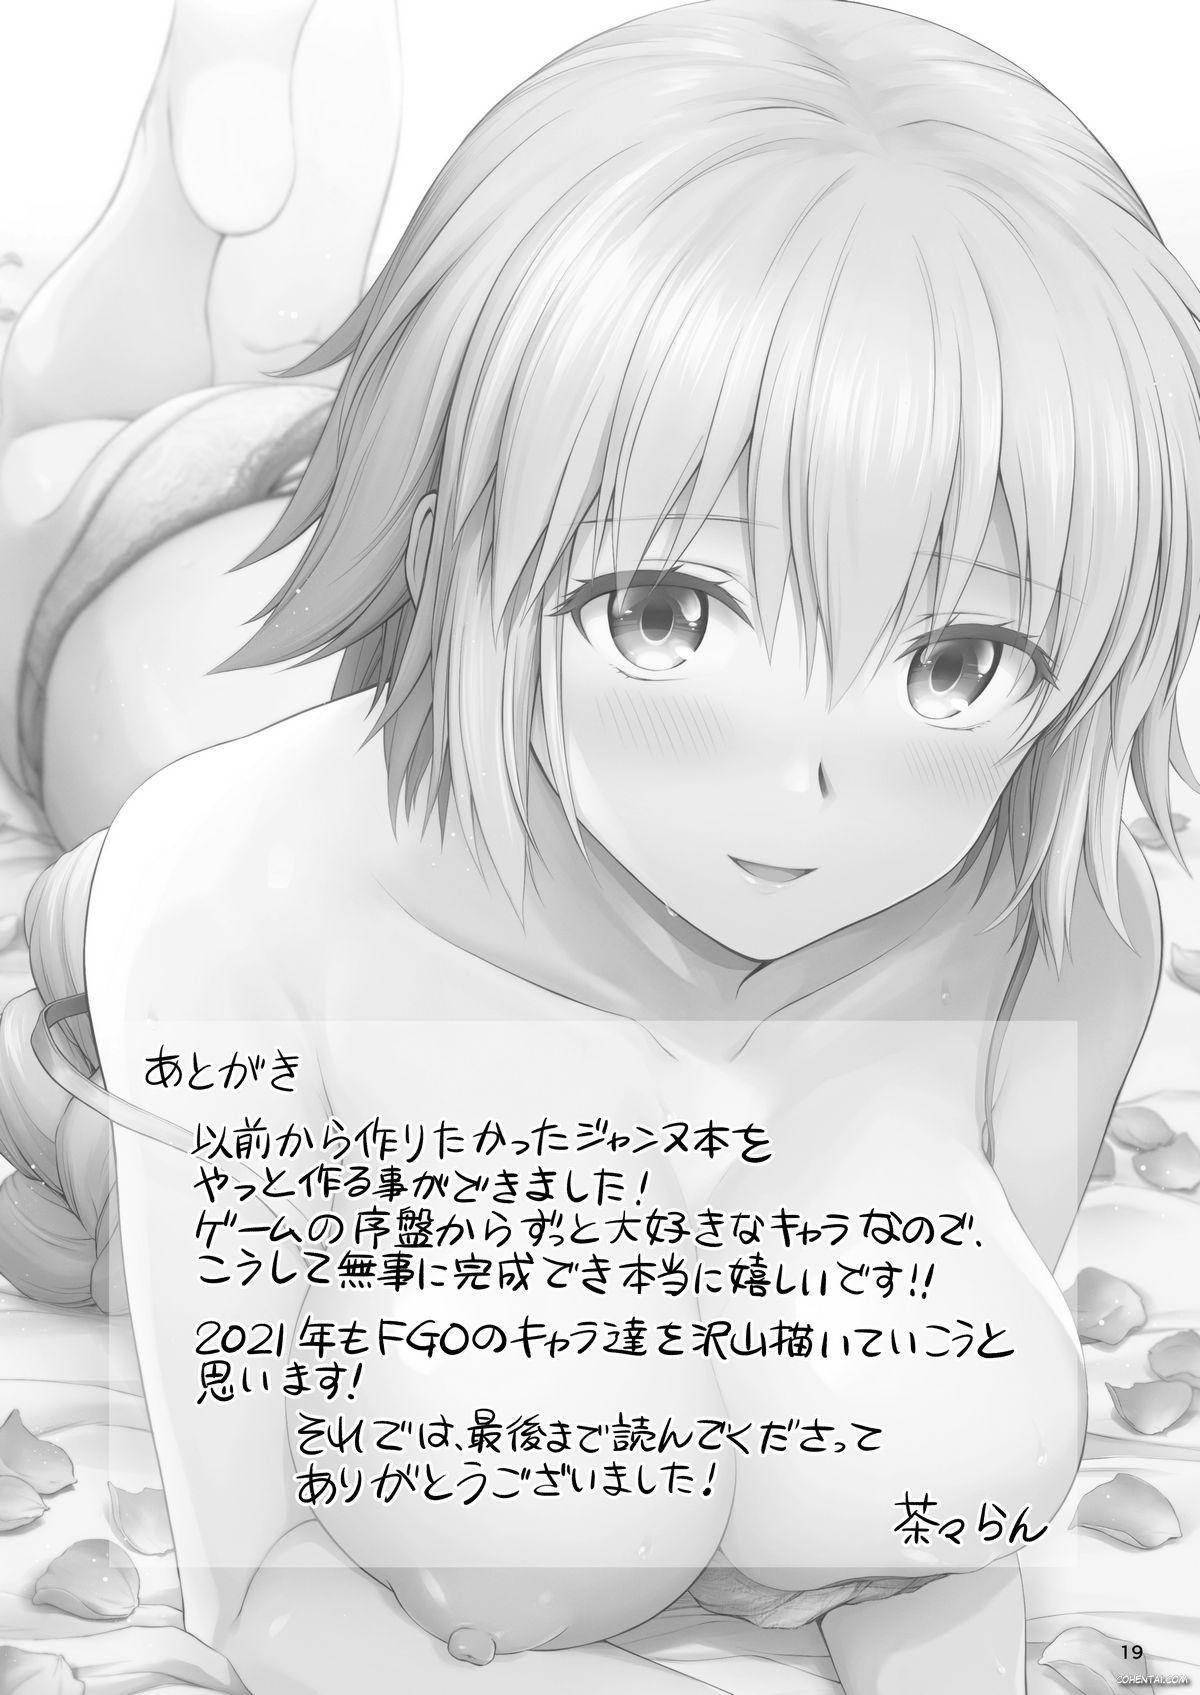 Jeanne to Hajimete (Fate/Grand Order)